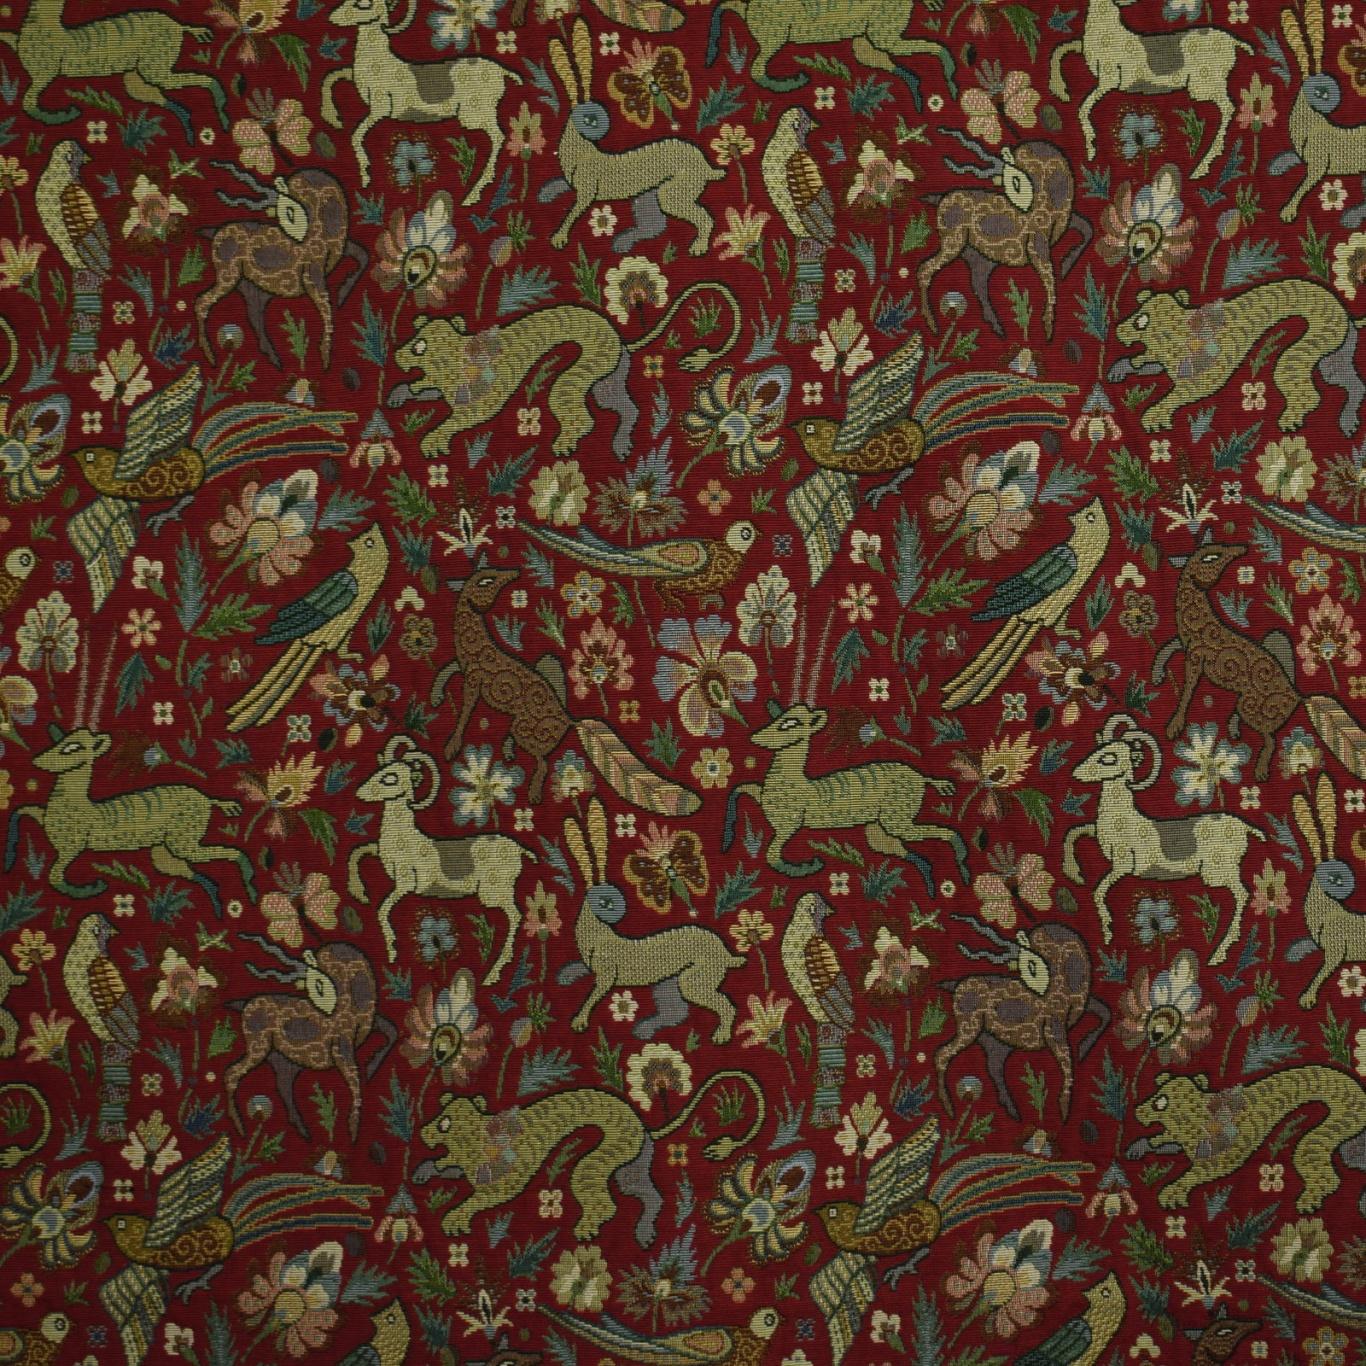 Image of Gordon Smith Bangalore Red Fabric